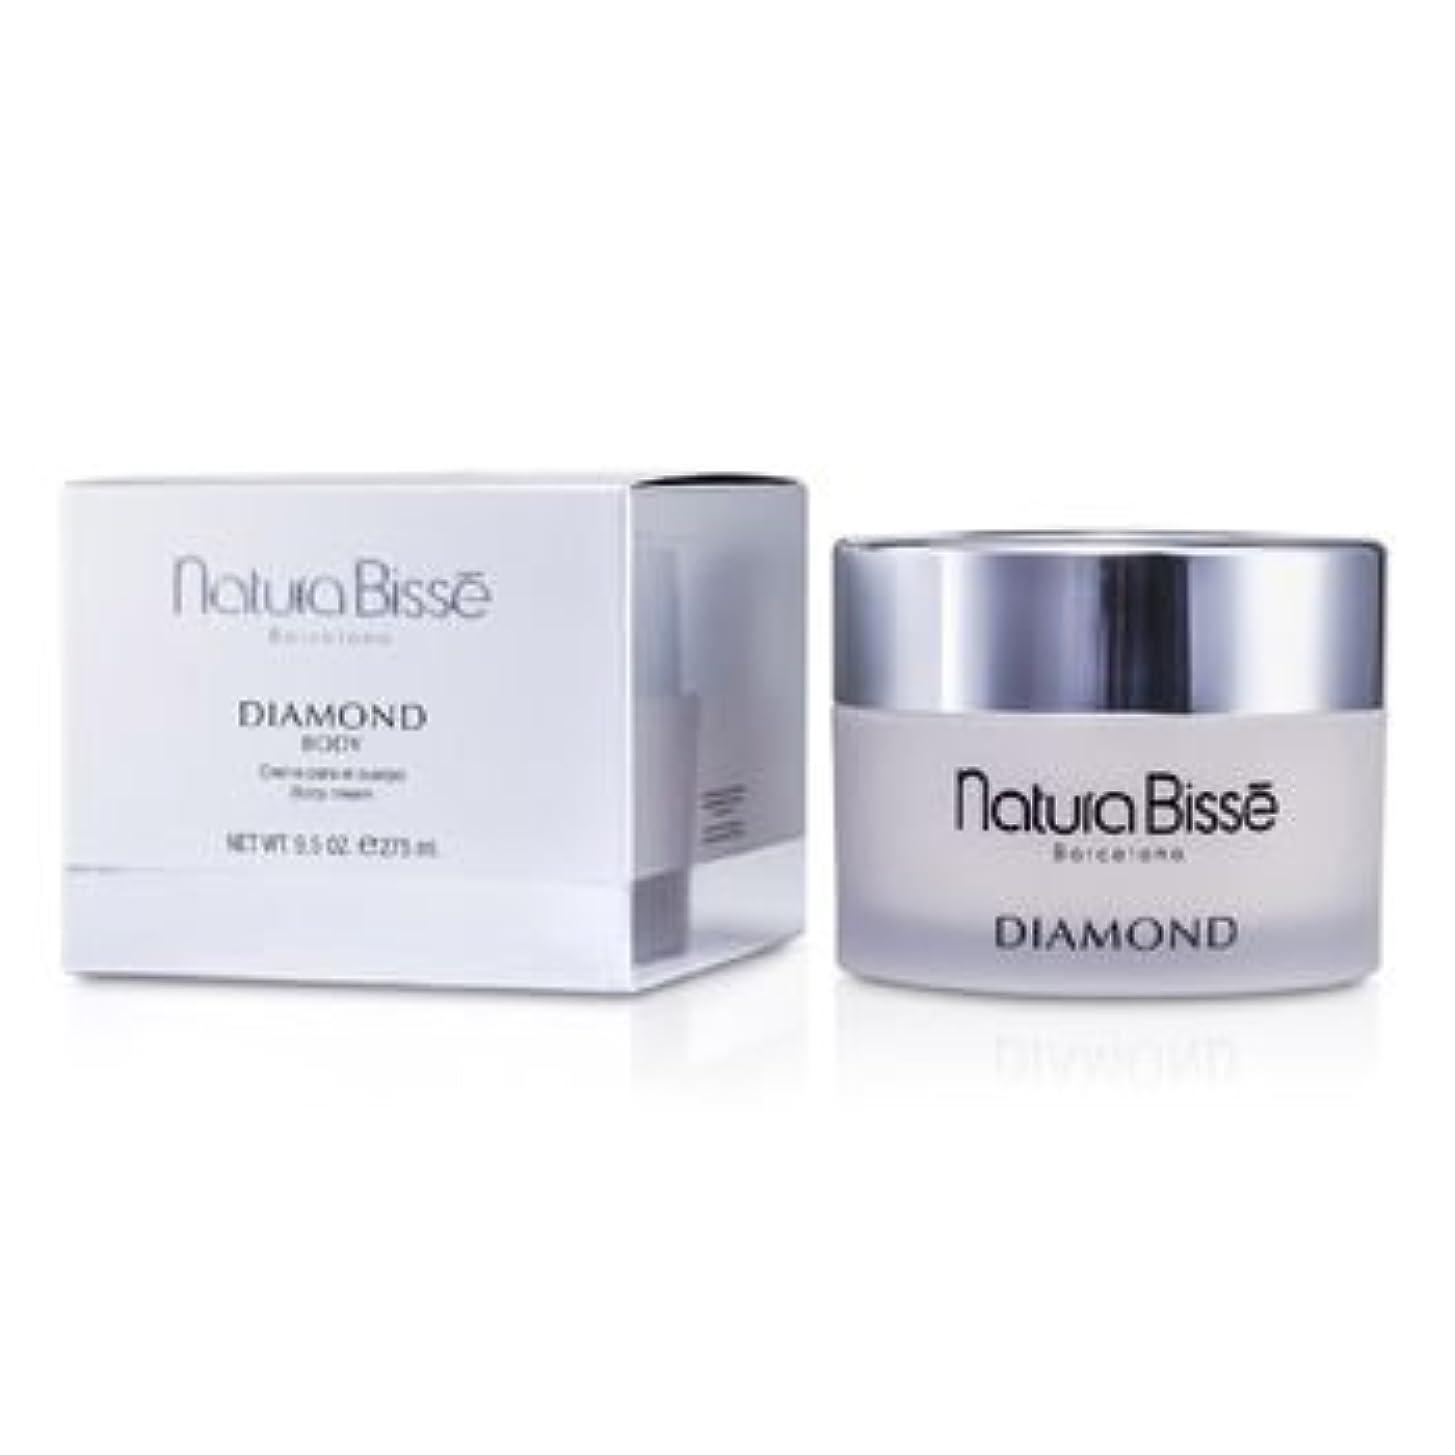 冷淡な全体シネマナチュラビセ ダイアモンド ボディクリーム 275ml/9.5oz並行輸入品